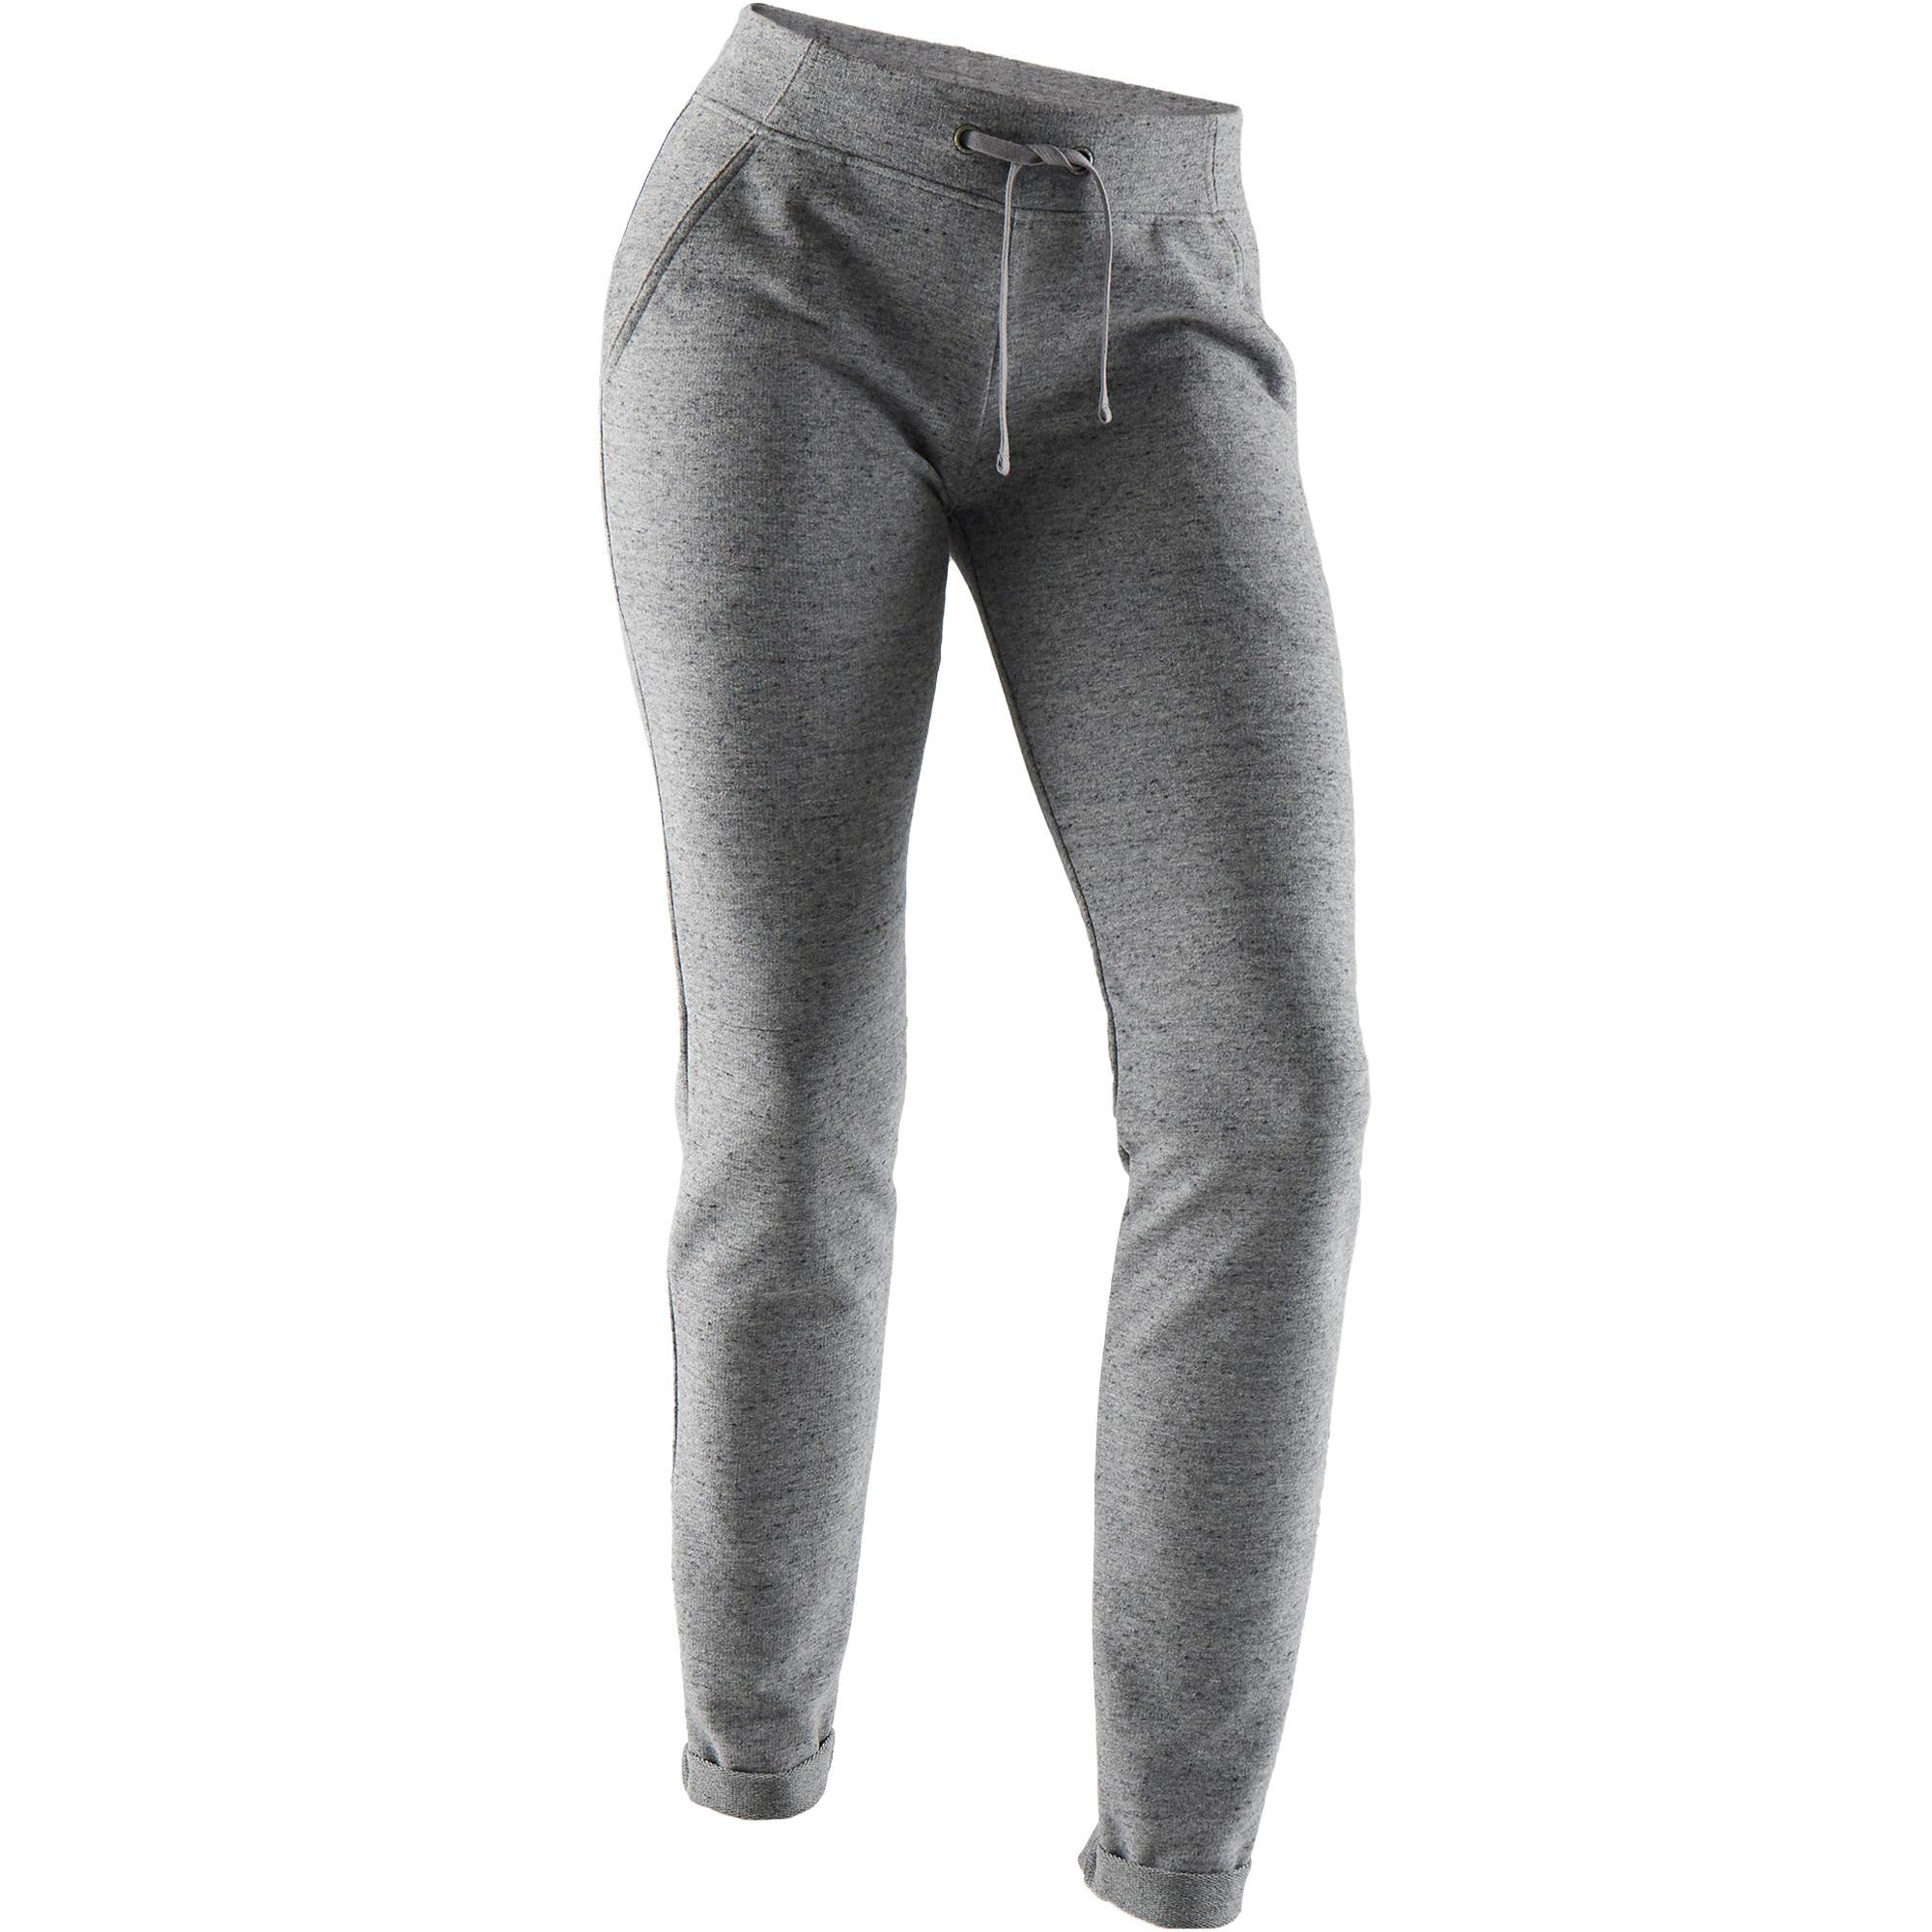 3a3bce3d11973 mujer suave gris slim Gimnasia 500 y Pilates Pantalón YwOX0Y